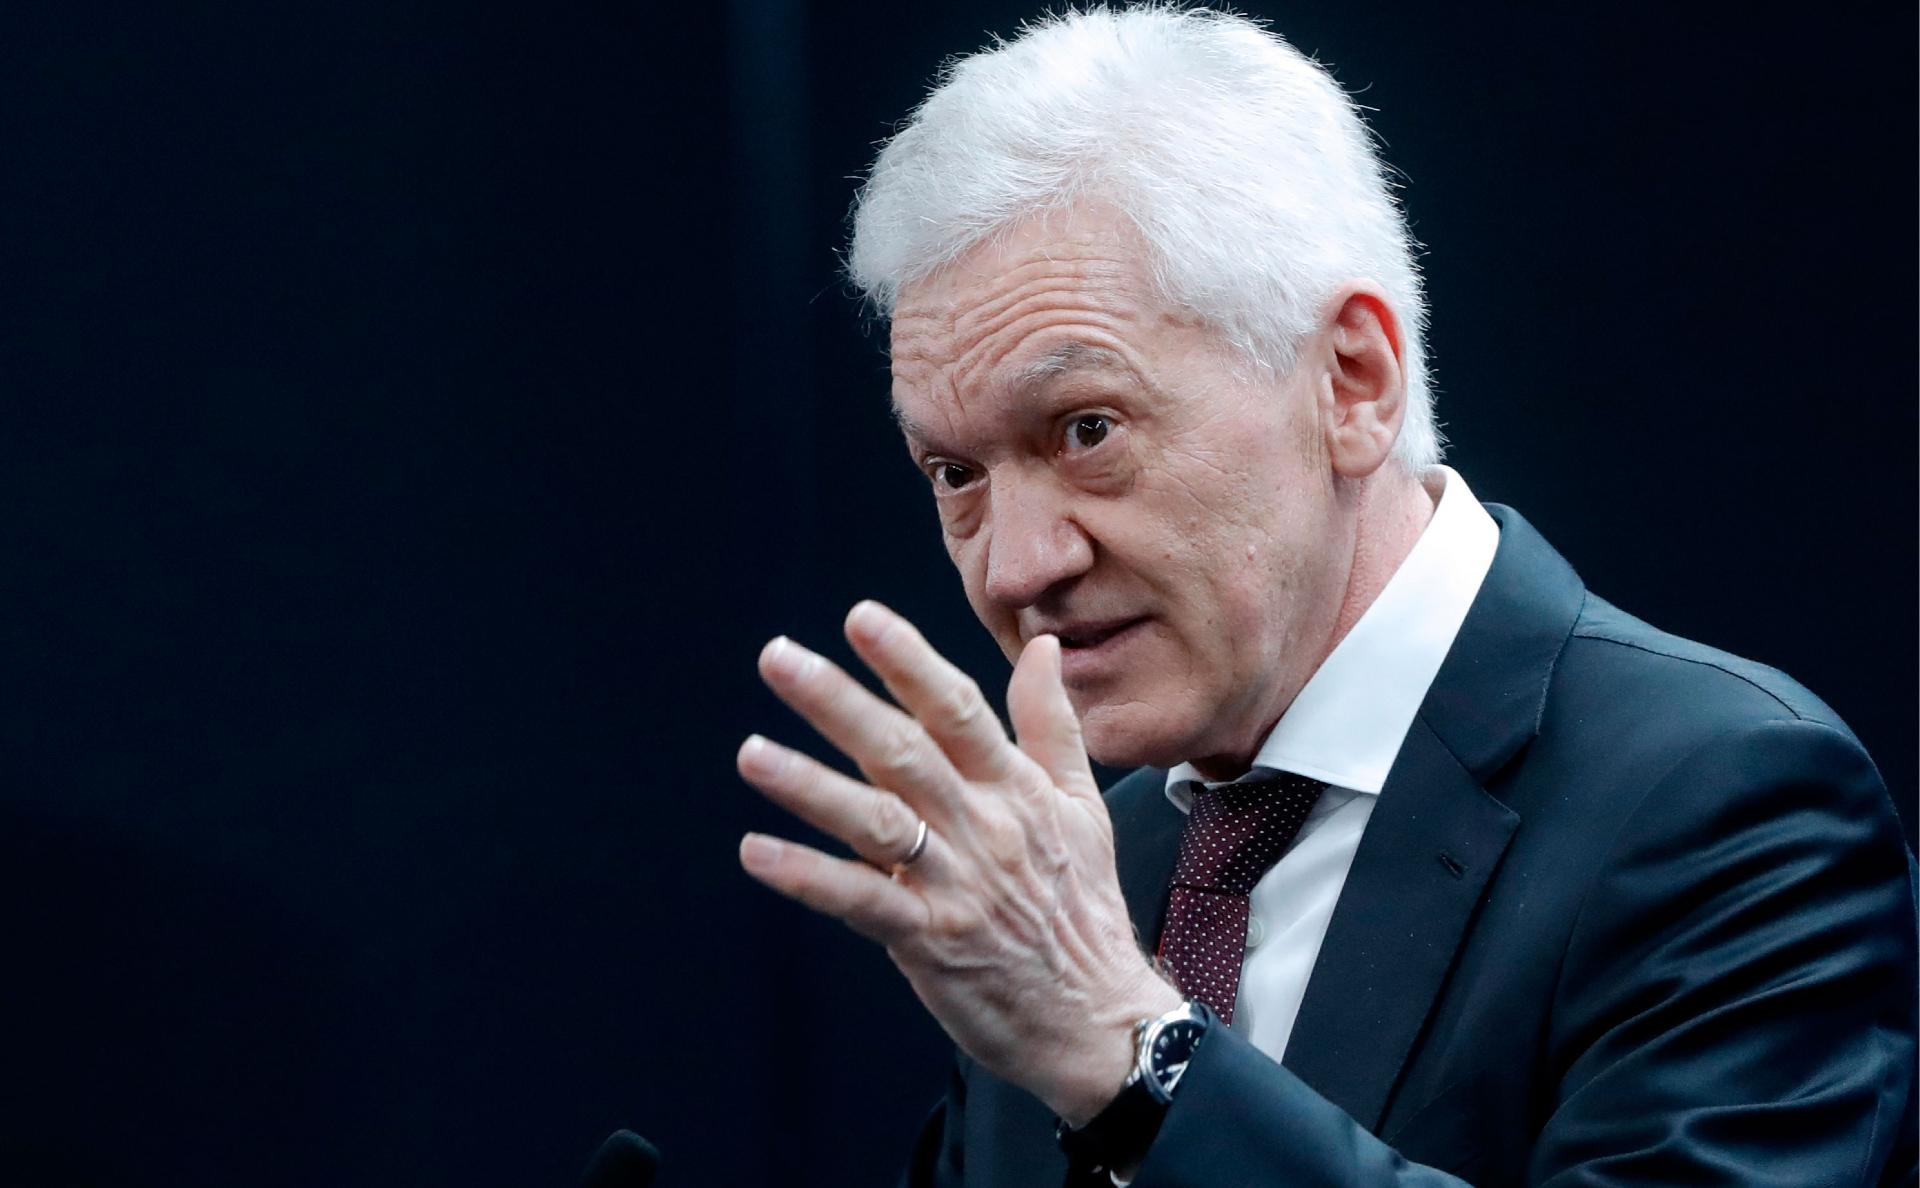 Тимченко выделил более ₽1,3 млрд на борьбу с коронавирусом